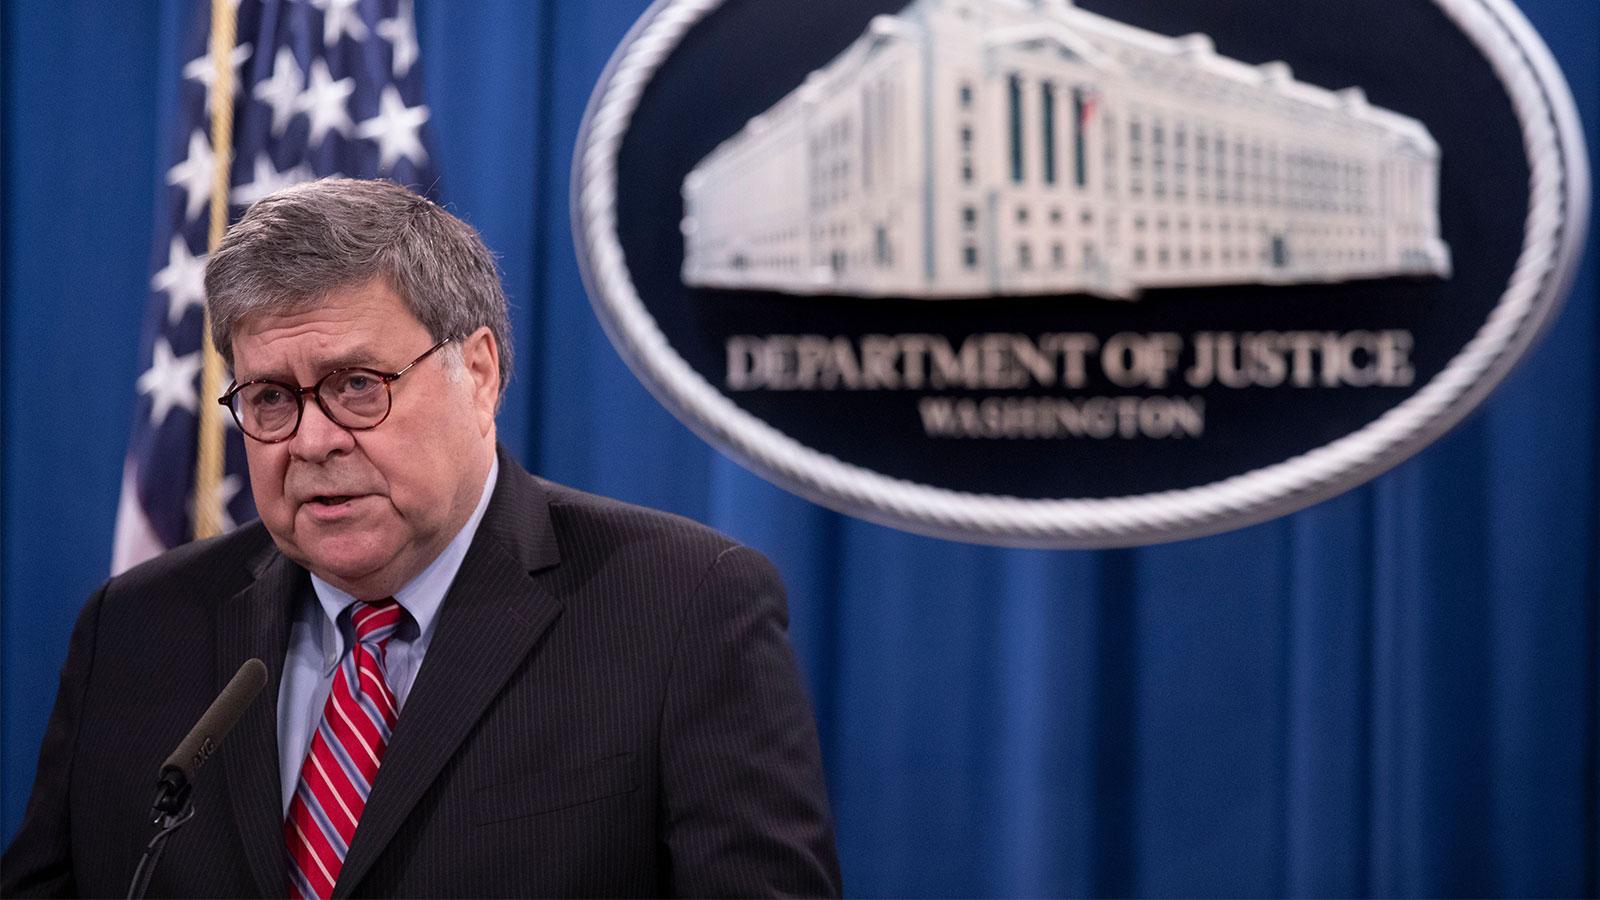 LDAD Files Ethics Complaint Against William P. Barr